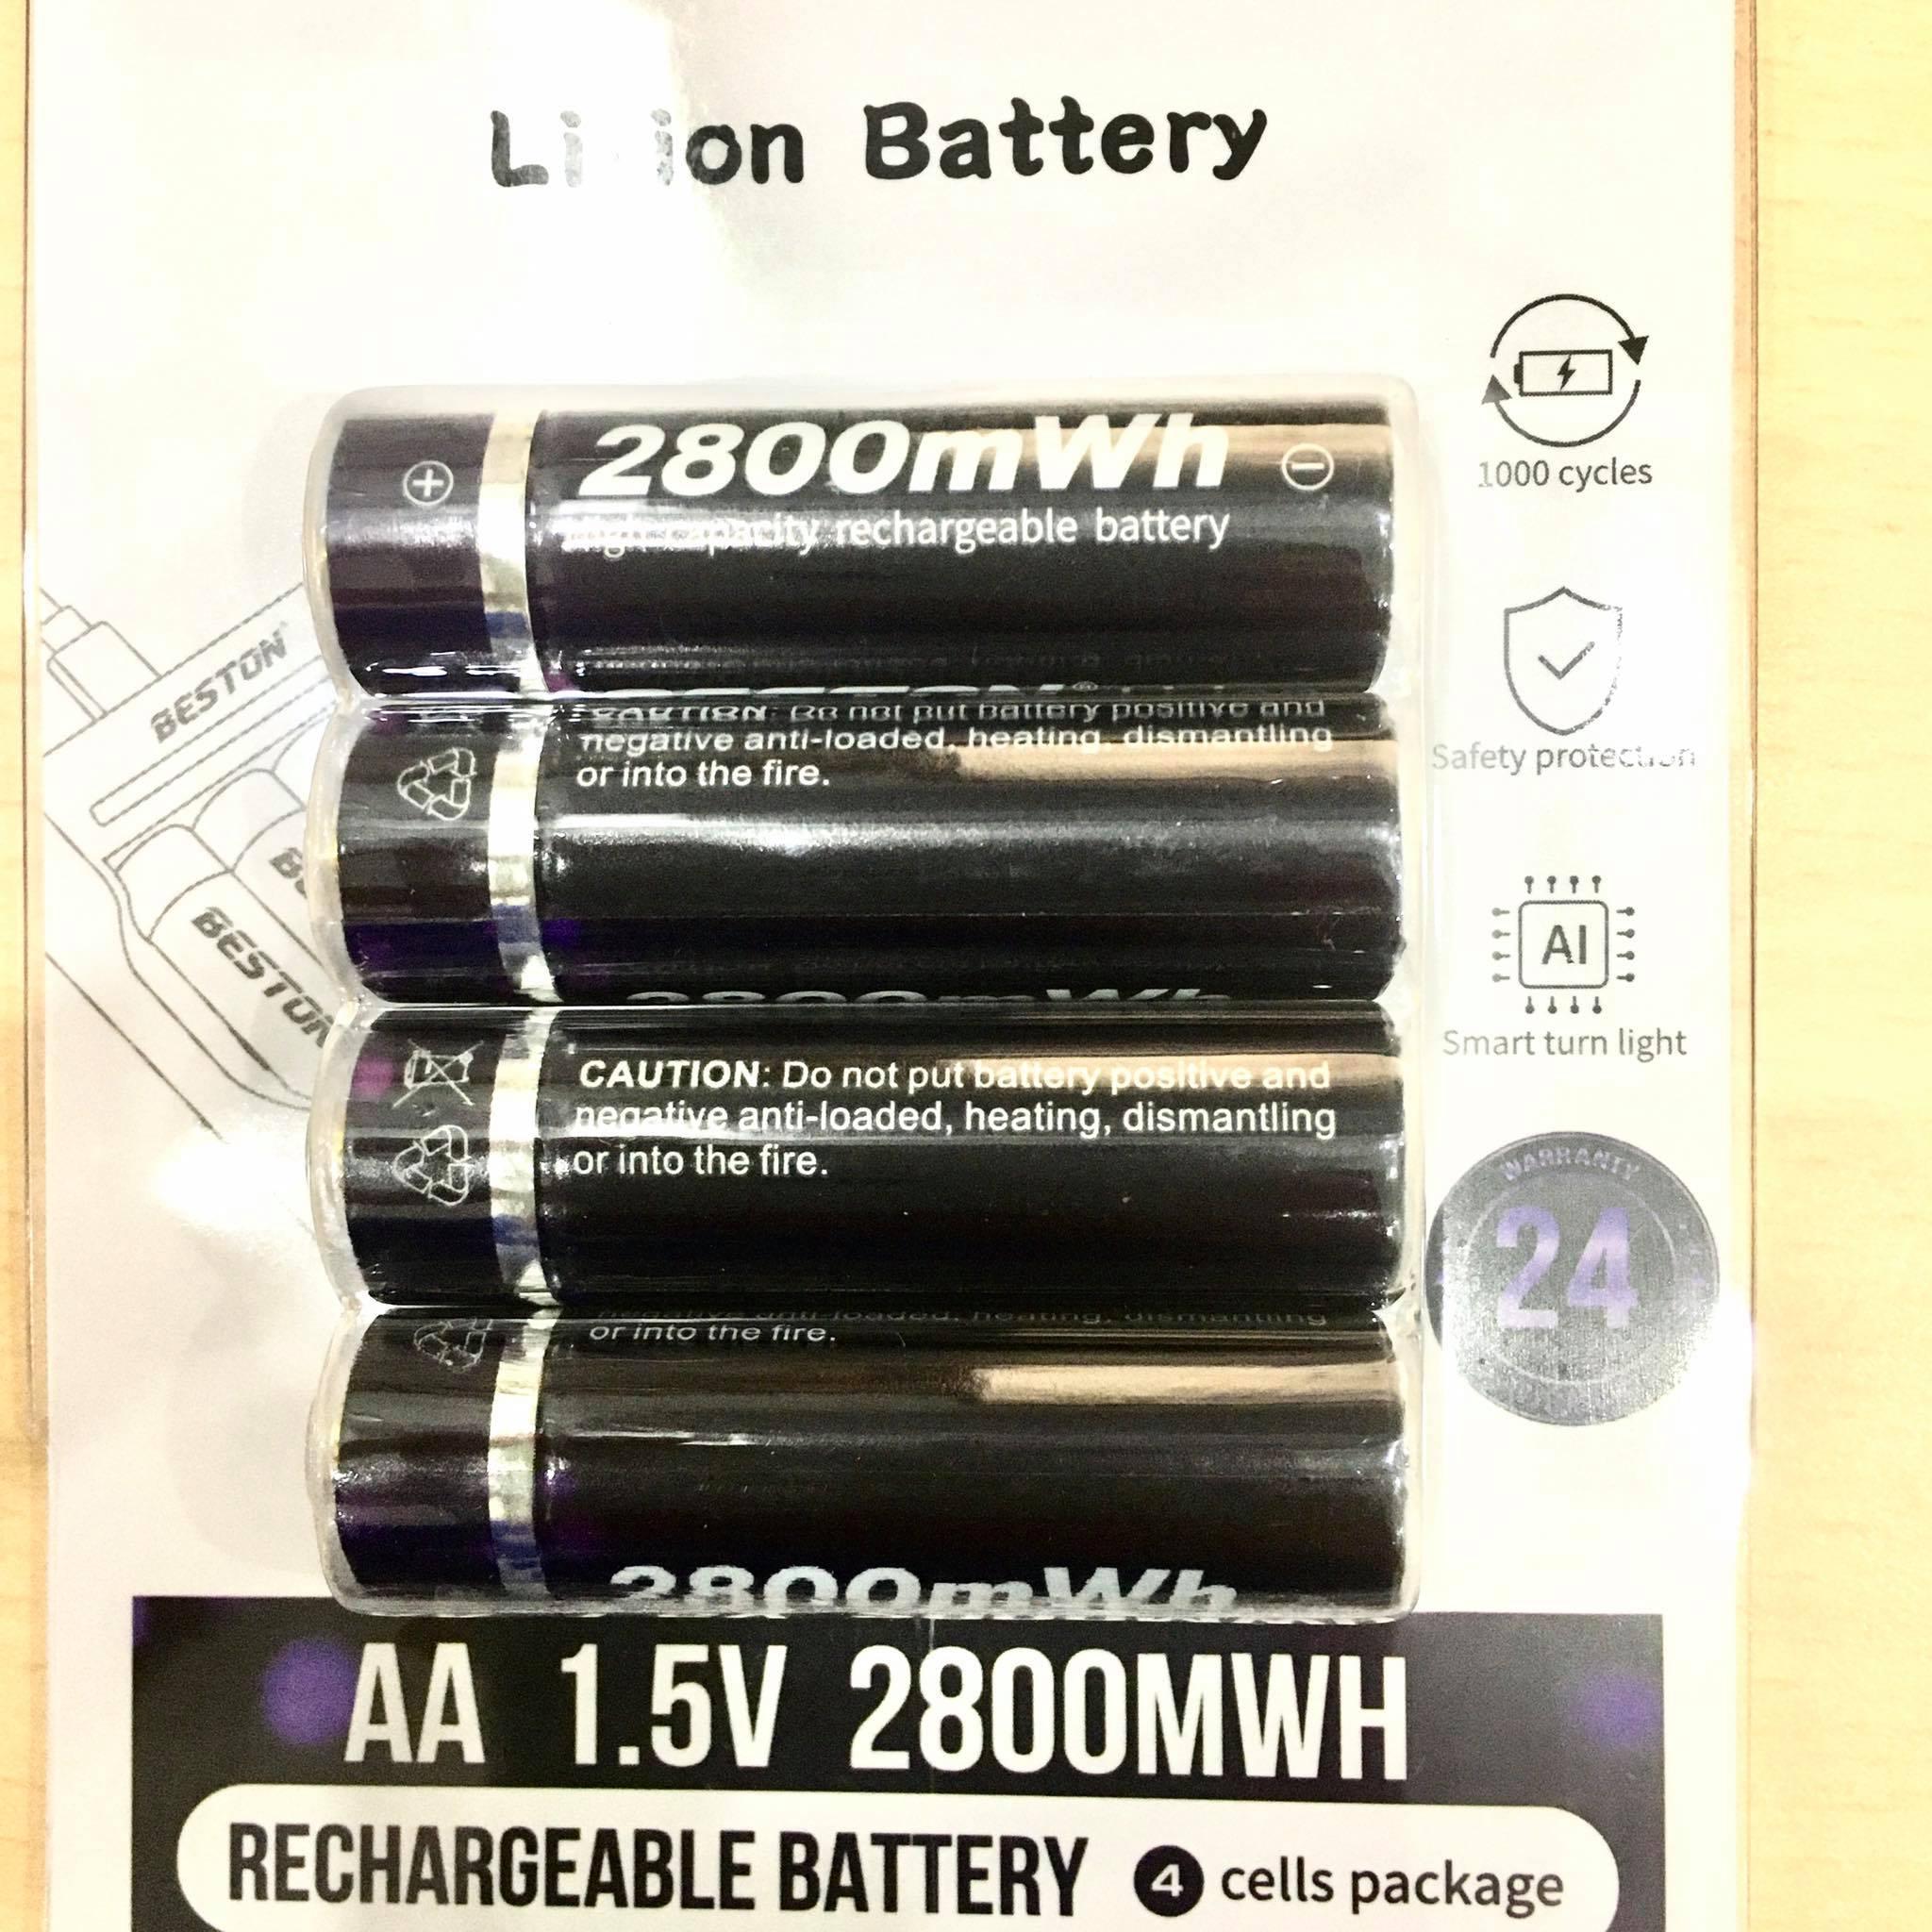 Vỉ 4 viên pin tiểu sạc AA (2A) Lithium Ion Beston 1.5V cao cấp Dung lượng cao - Hàng nhập khẩu